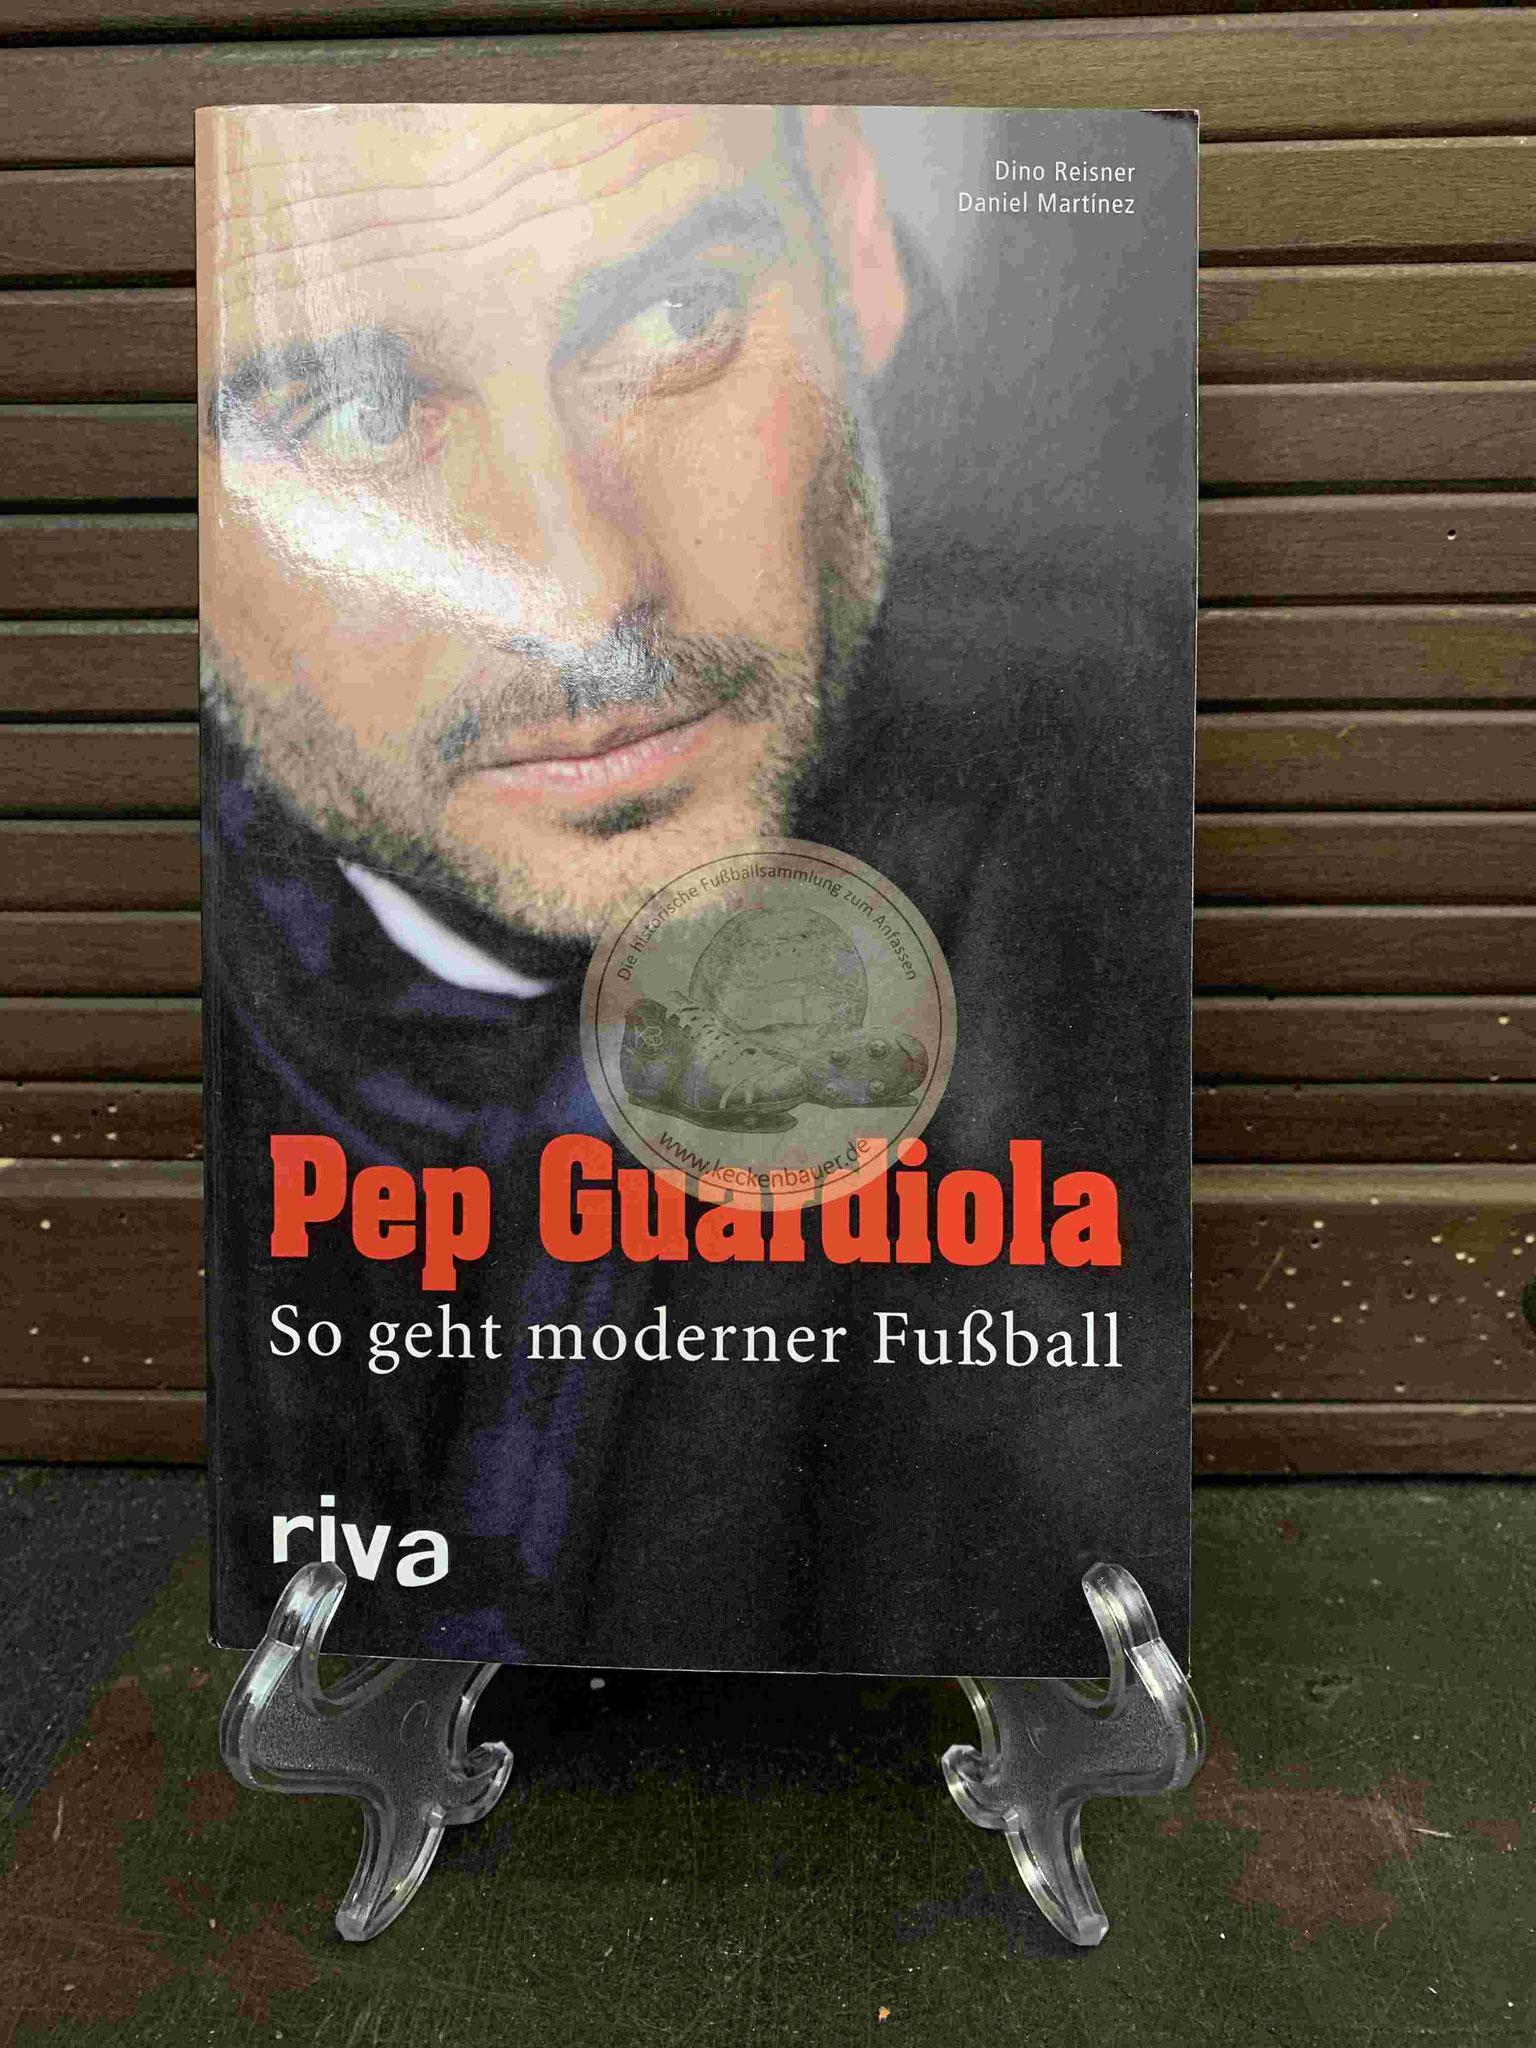 Pep Guardiola So geht moderner Fußball aus dem Jahr 2013